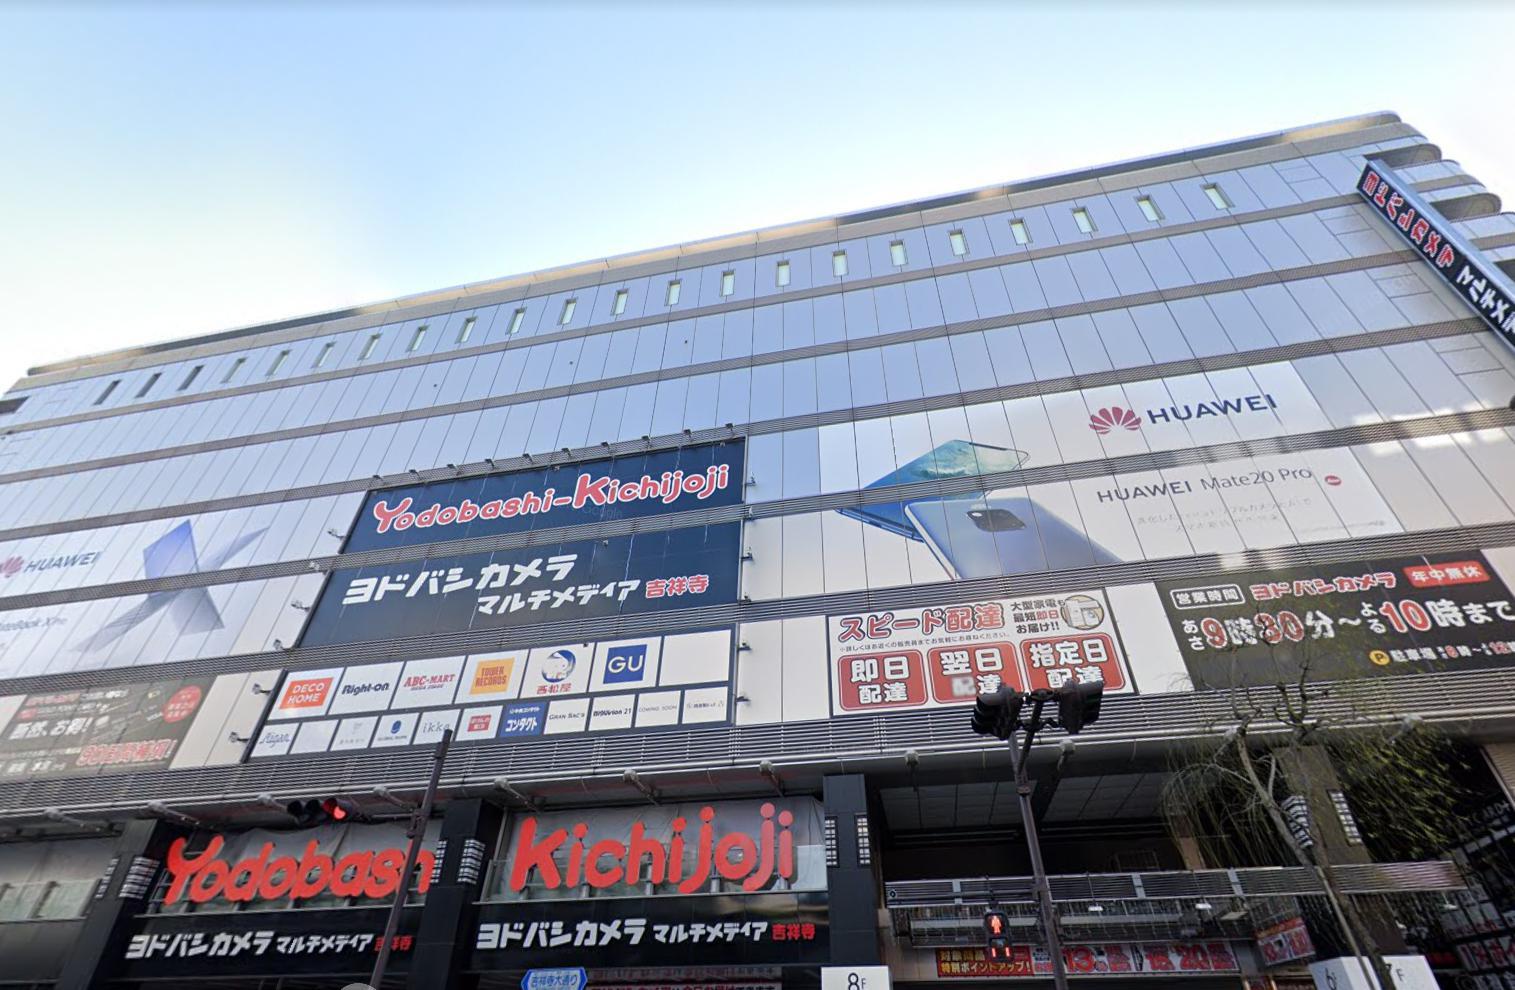 吉祥寺の占い ヨドバシカメラ6階「開運館E&E 吉祥寺ヨドバシ鑑定所」